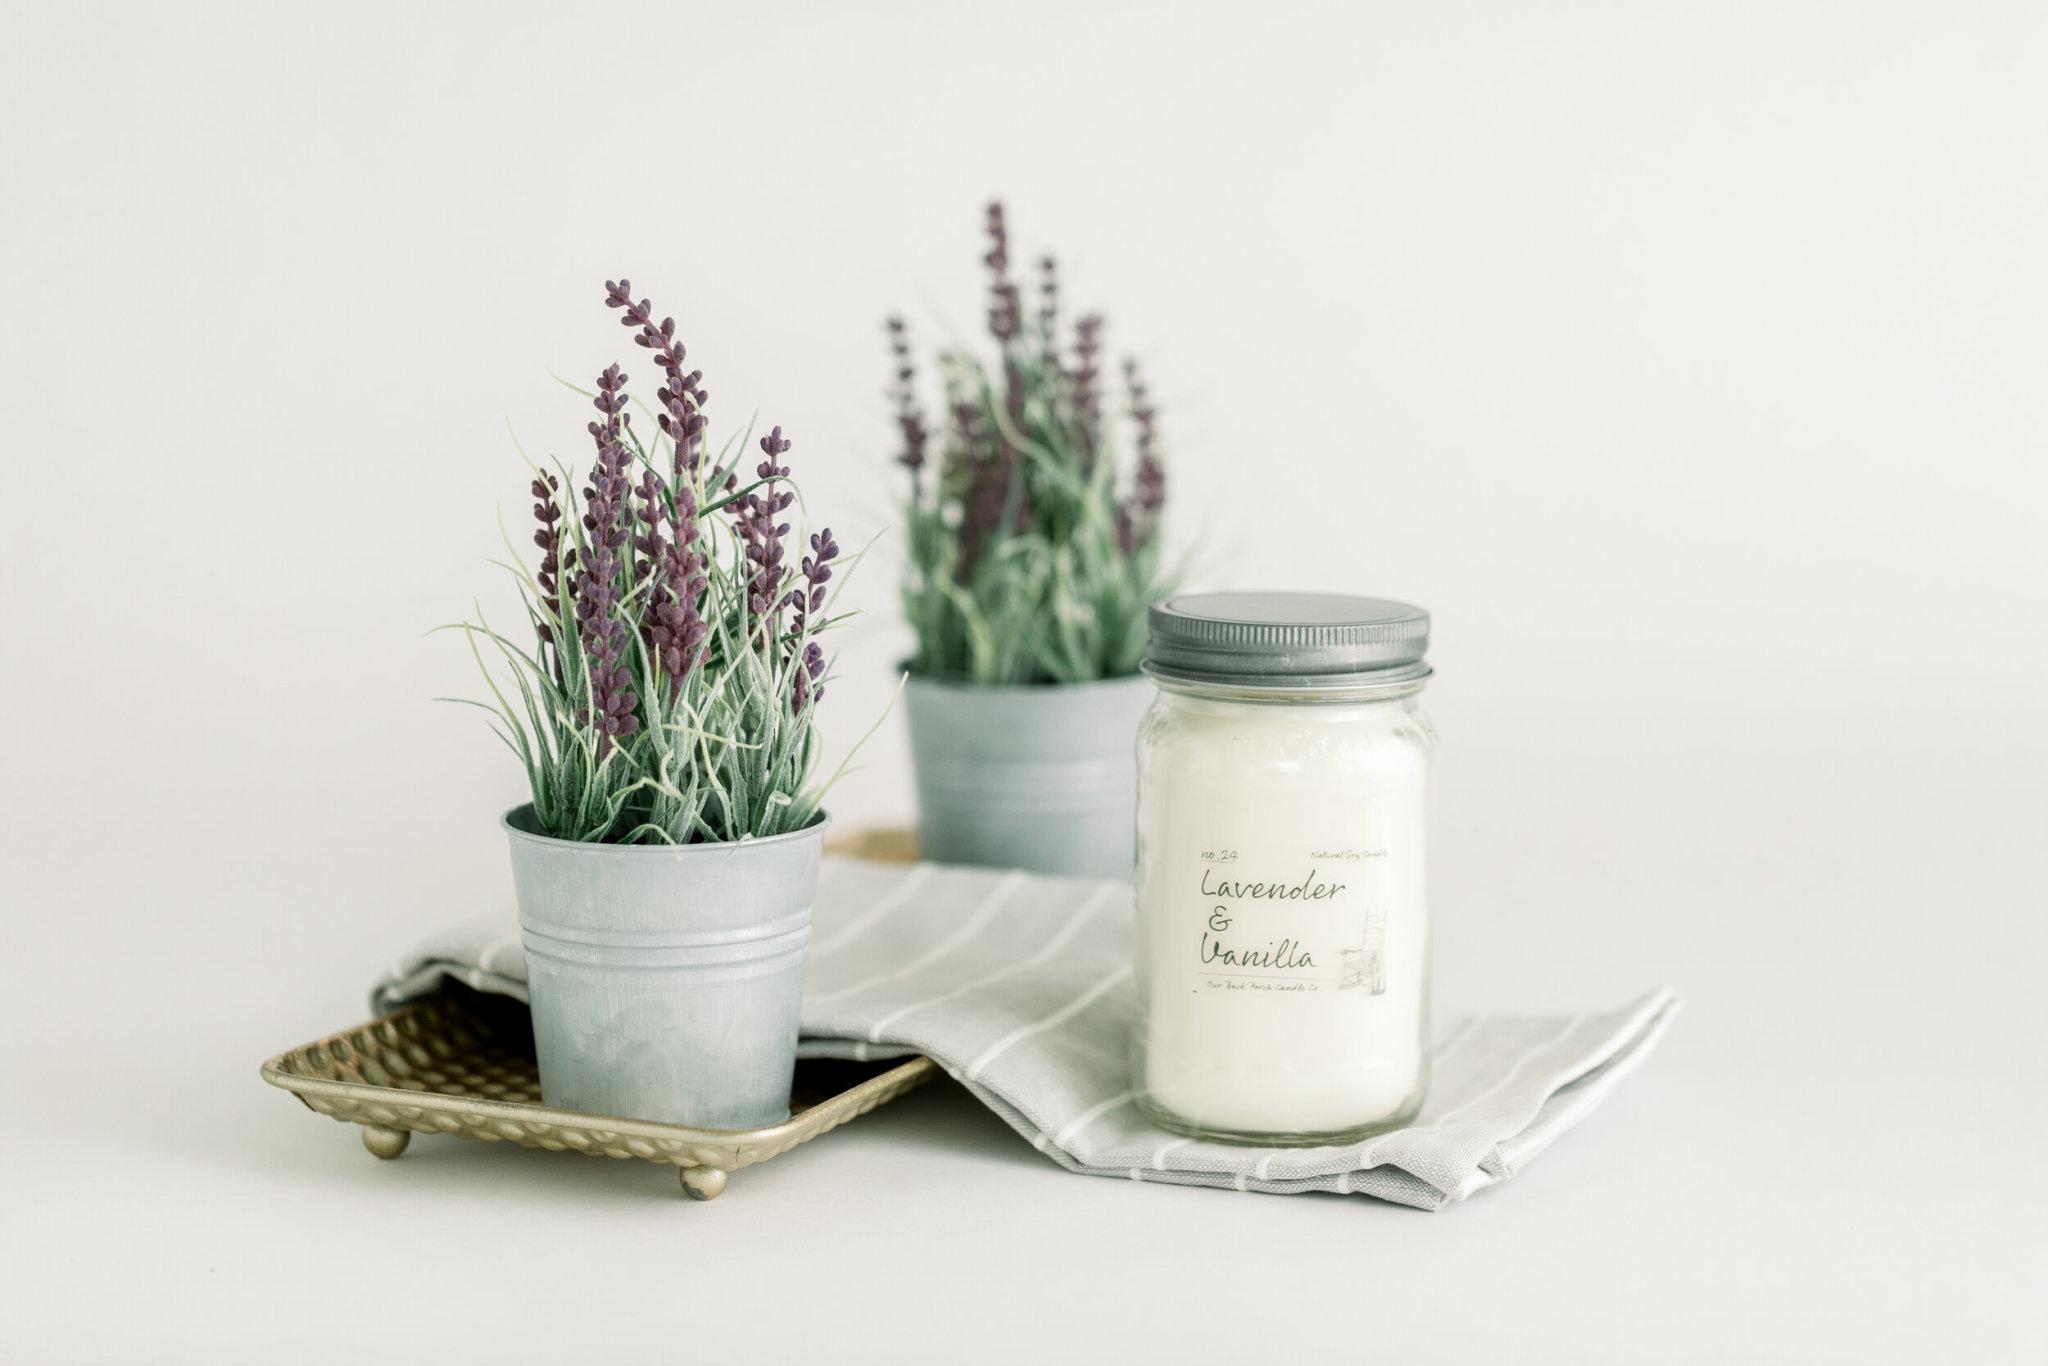 Lavender Vanilla 16oz Candle